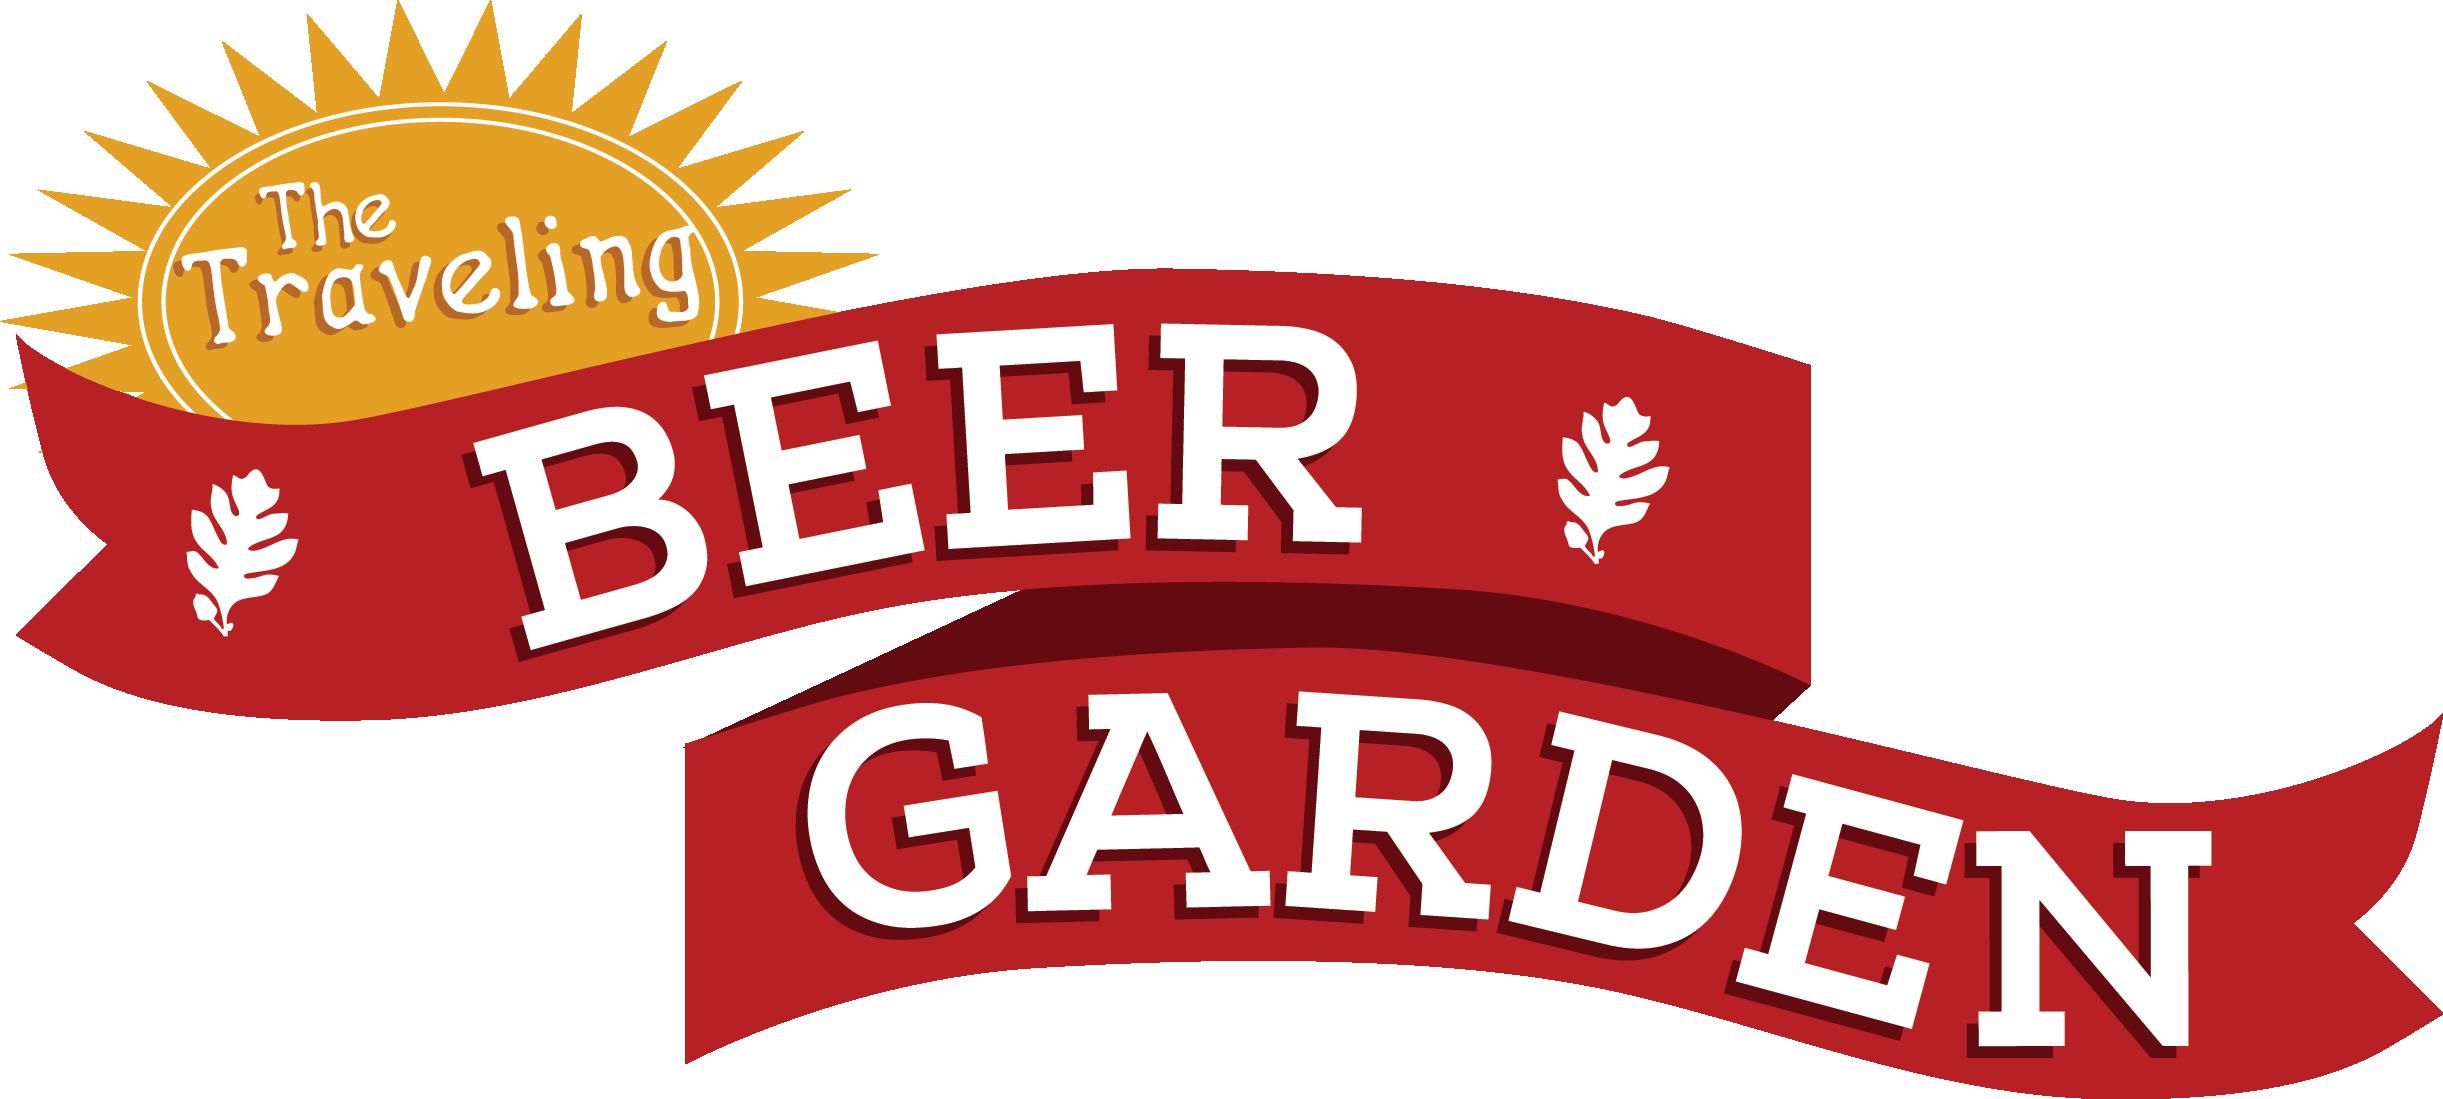 Beer beer garden